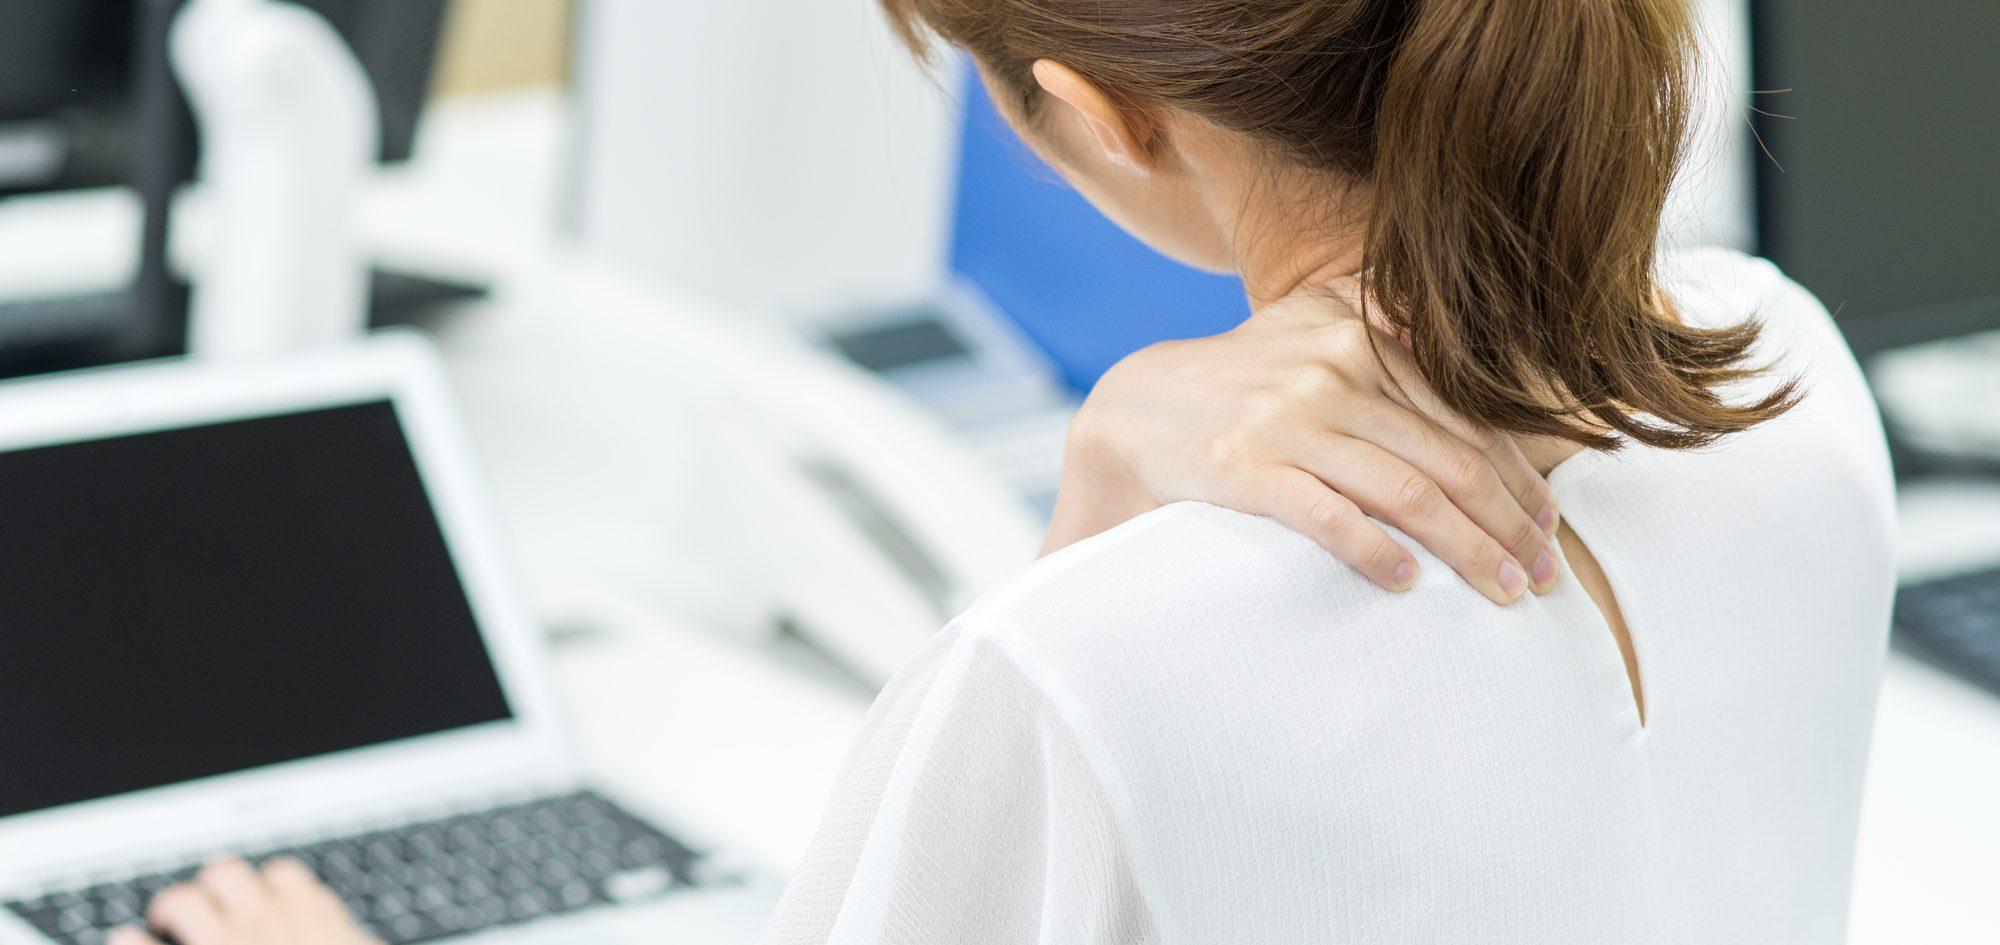 仙台市若林区で肩こり・肩の痛みの根本施術